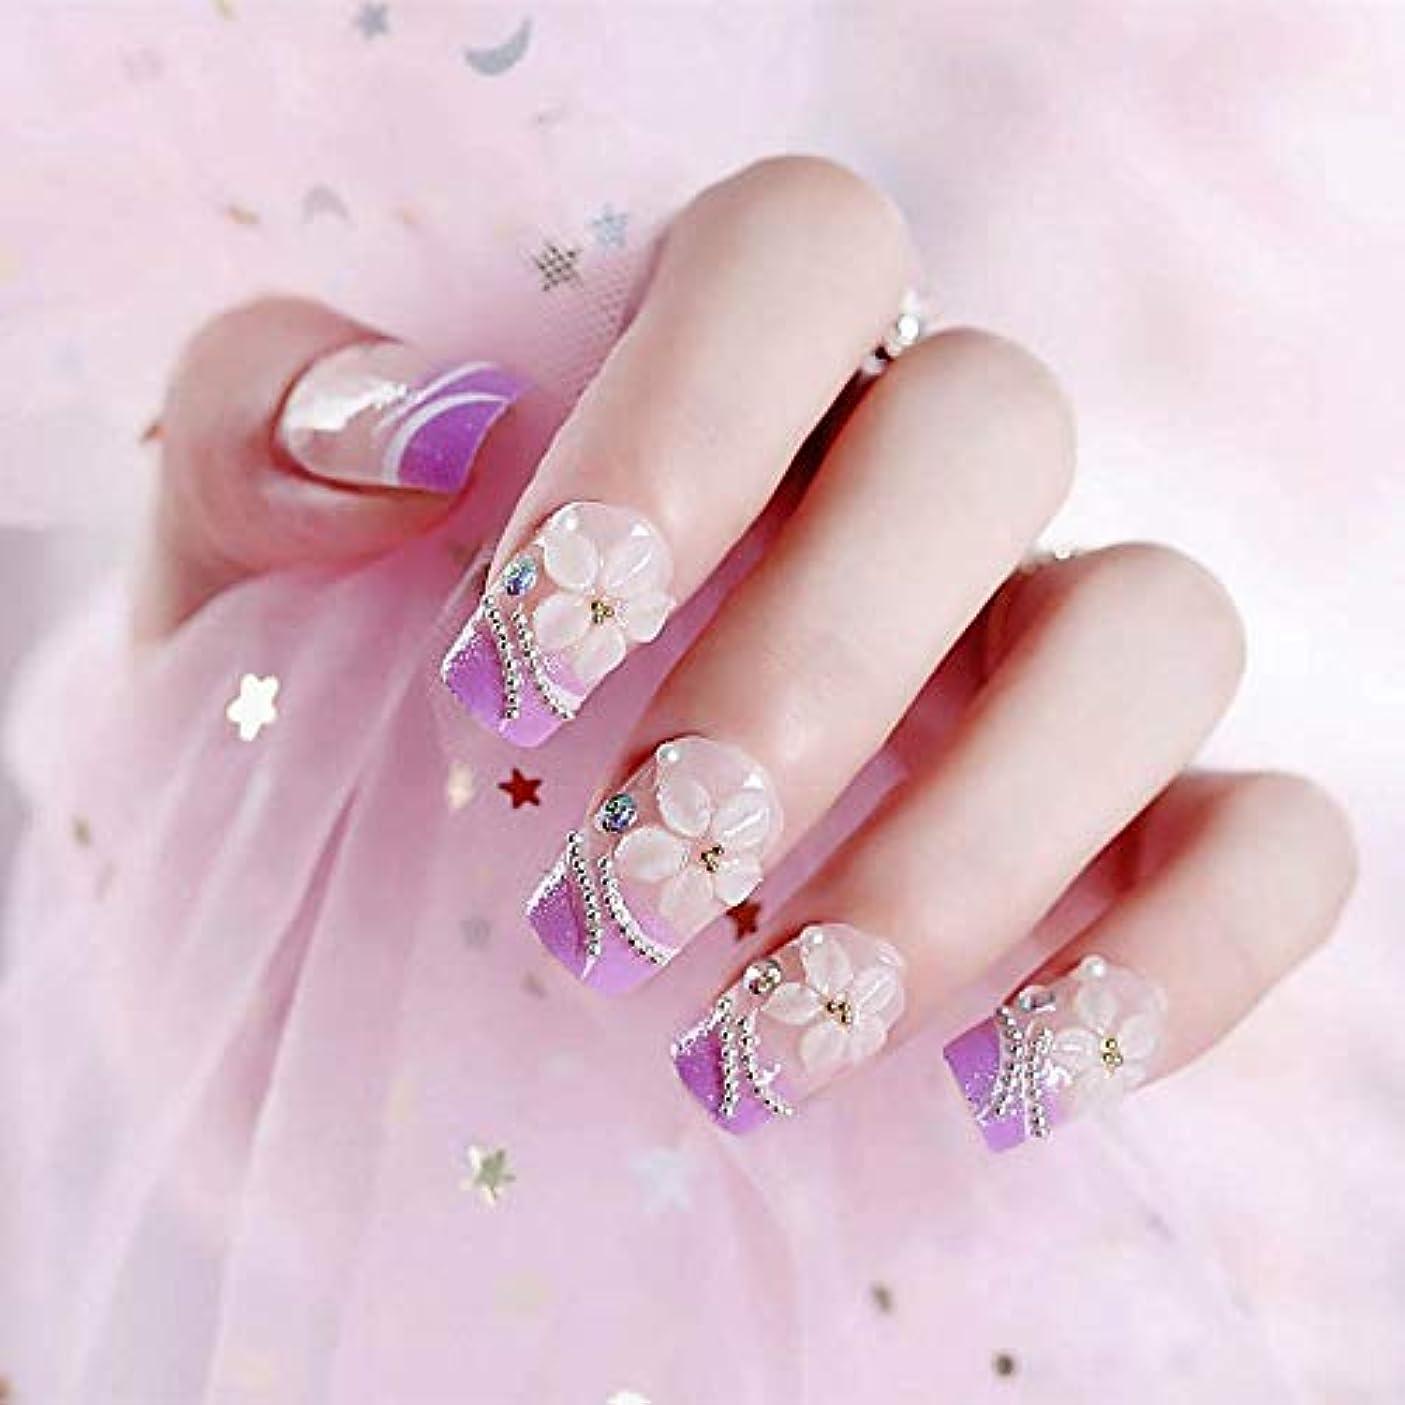 いわゆる豆望みXUTXZKA 24ピースロングサイズライトパープルカラー偽??爪花彫刻天然偽爪女性ファッションネイルアートのヒント